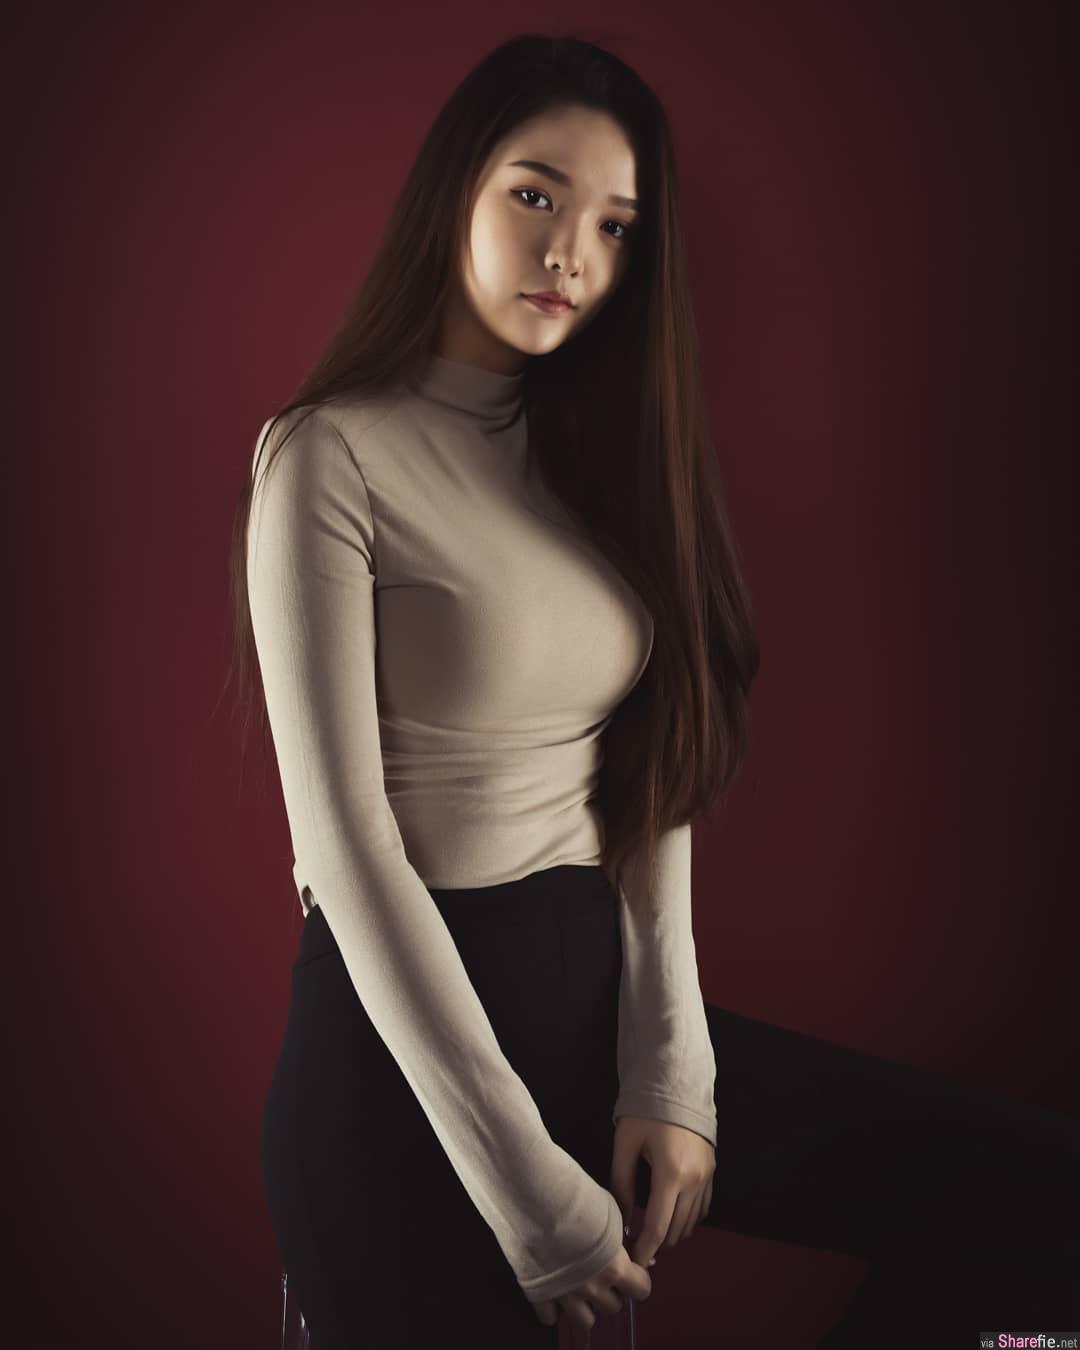 大马正妹Jessica Lee,绝美脸蛋身材火辣